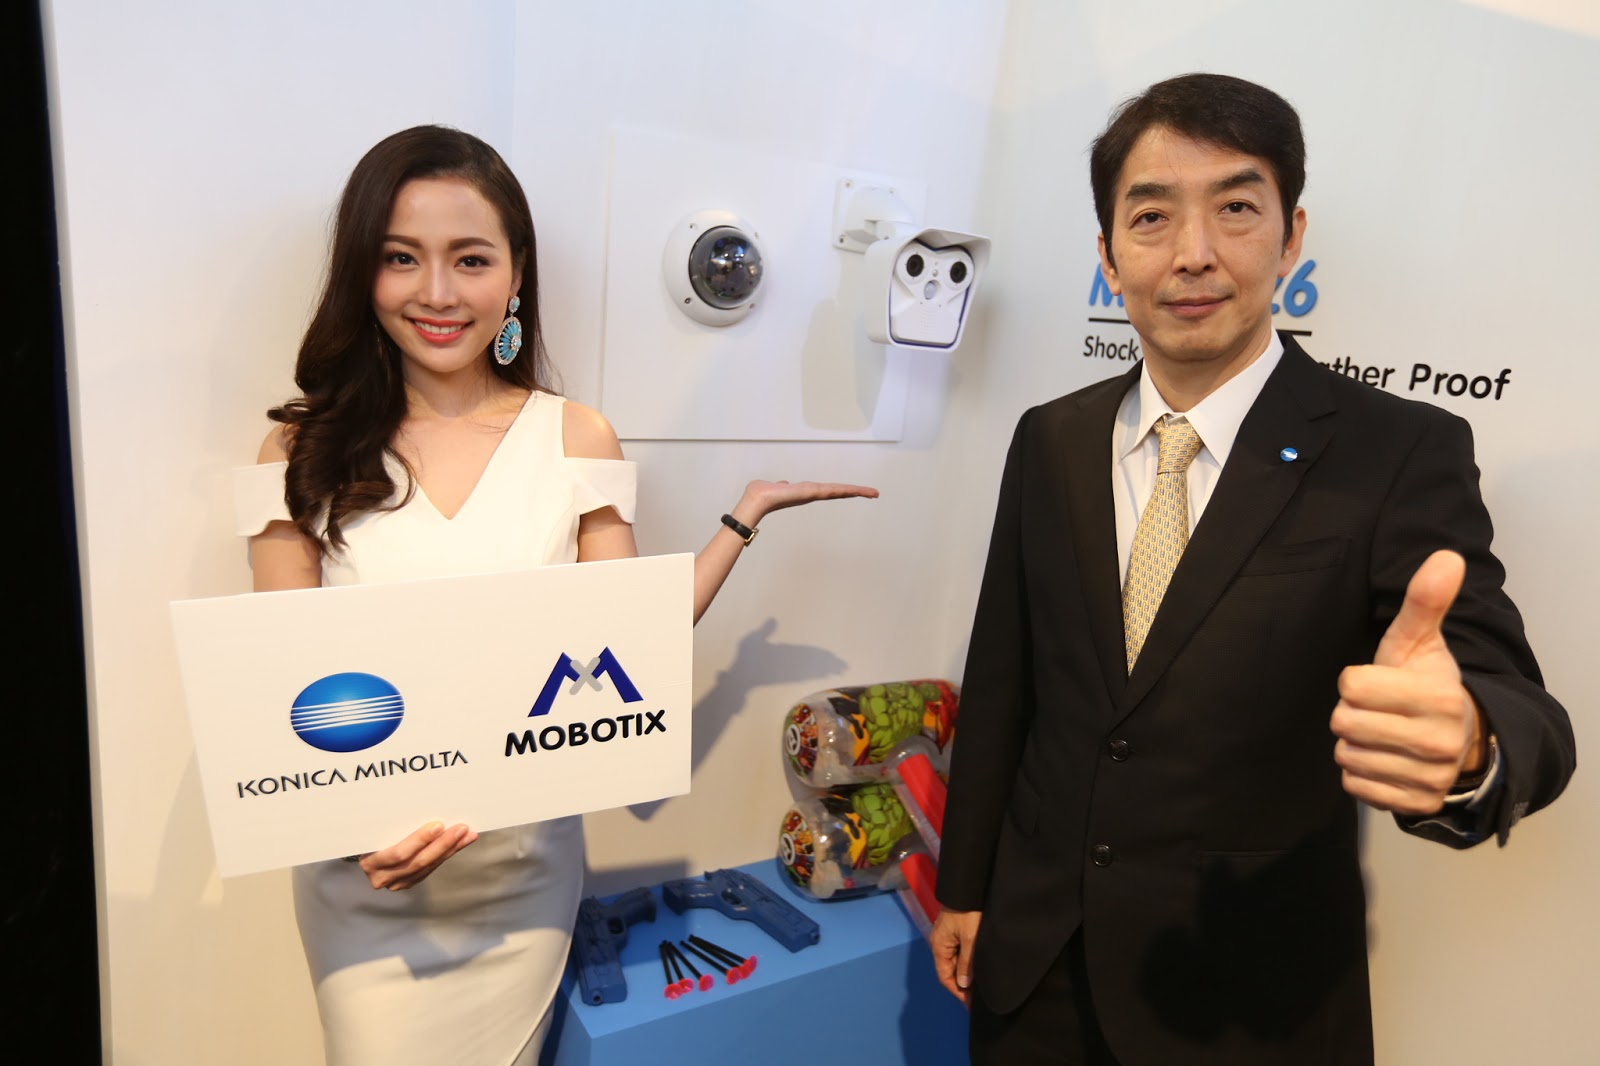 """""""โคนิก้า มินอลต้า"""" เปิดตัวธุรกิจใหม่ ผนึกแบรนด์ Mobotix บุกตลาดกล้องวงจรปิด  ยกระดับทุกความปลอดภัย ด้วยเทคโนโลยีระดับ Hi-end"""